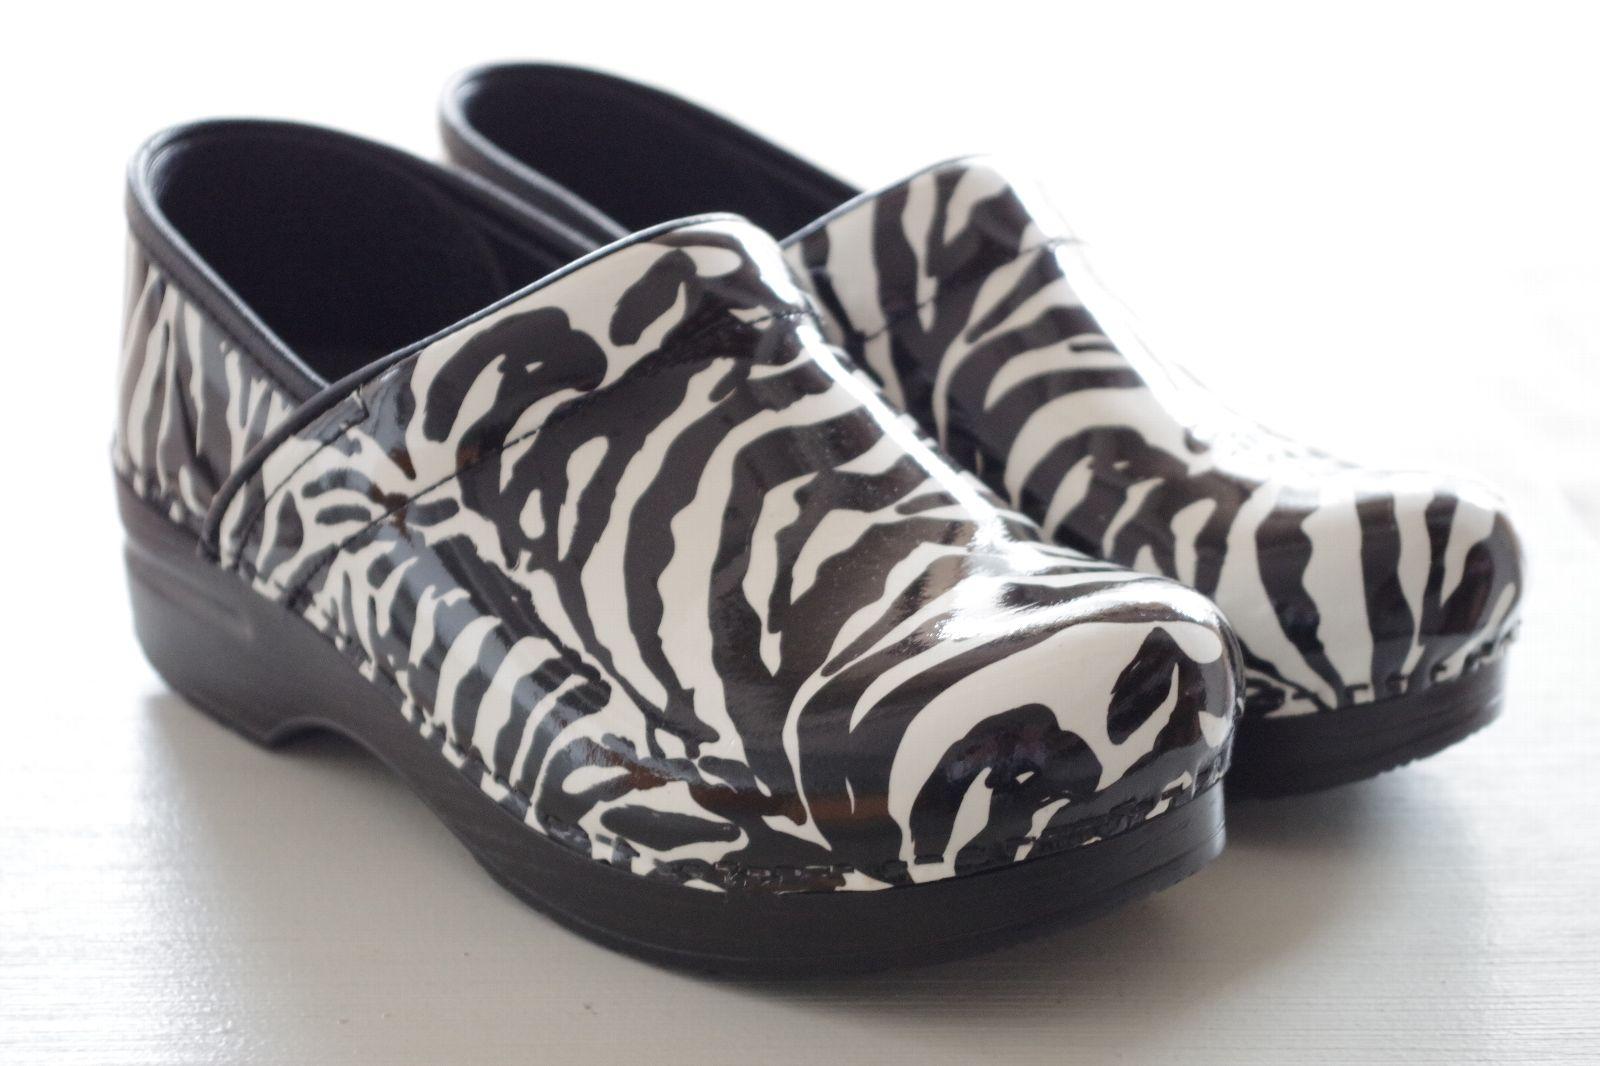 ダンスコ プロフェッショナルゼブラパテント Dansko Professional Zebra Patent